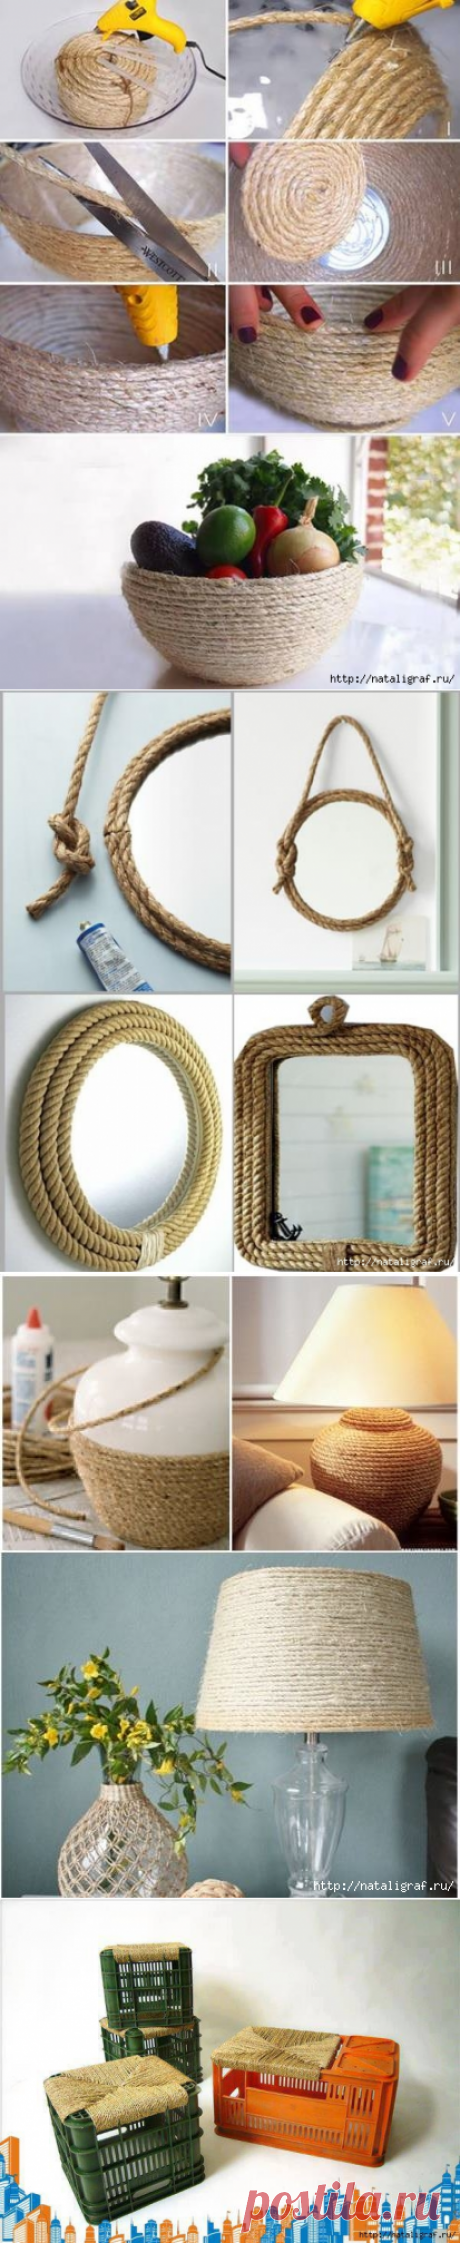 Разное-полезное домашнее из верёвок ... - Nebka.Ru